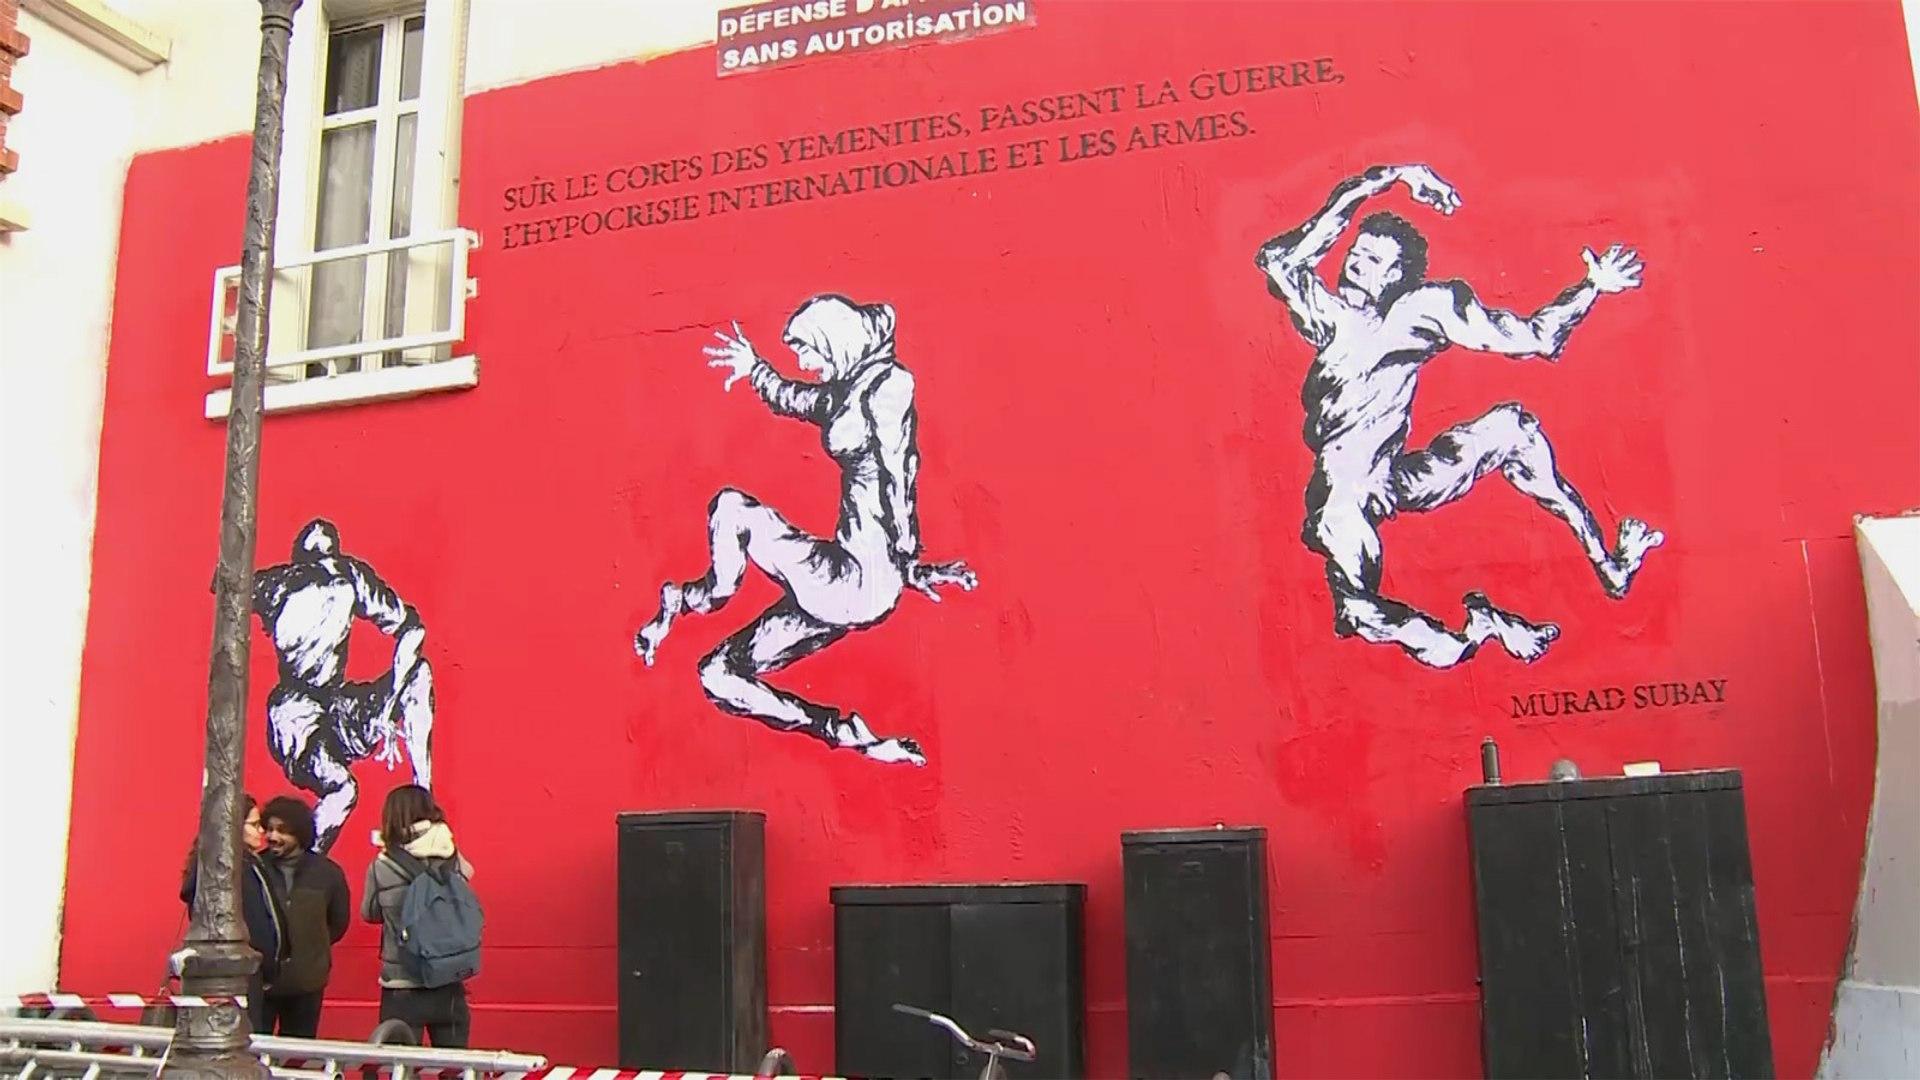 لوقف الحرب باليمن.. فنان يمني يرسم مأساة بلاده على جدران باريس